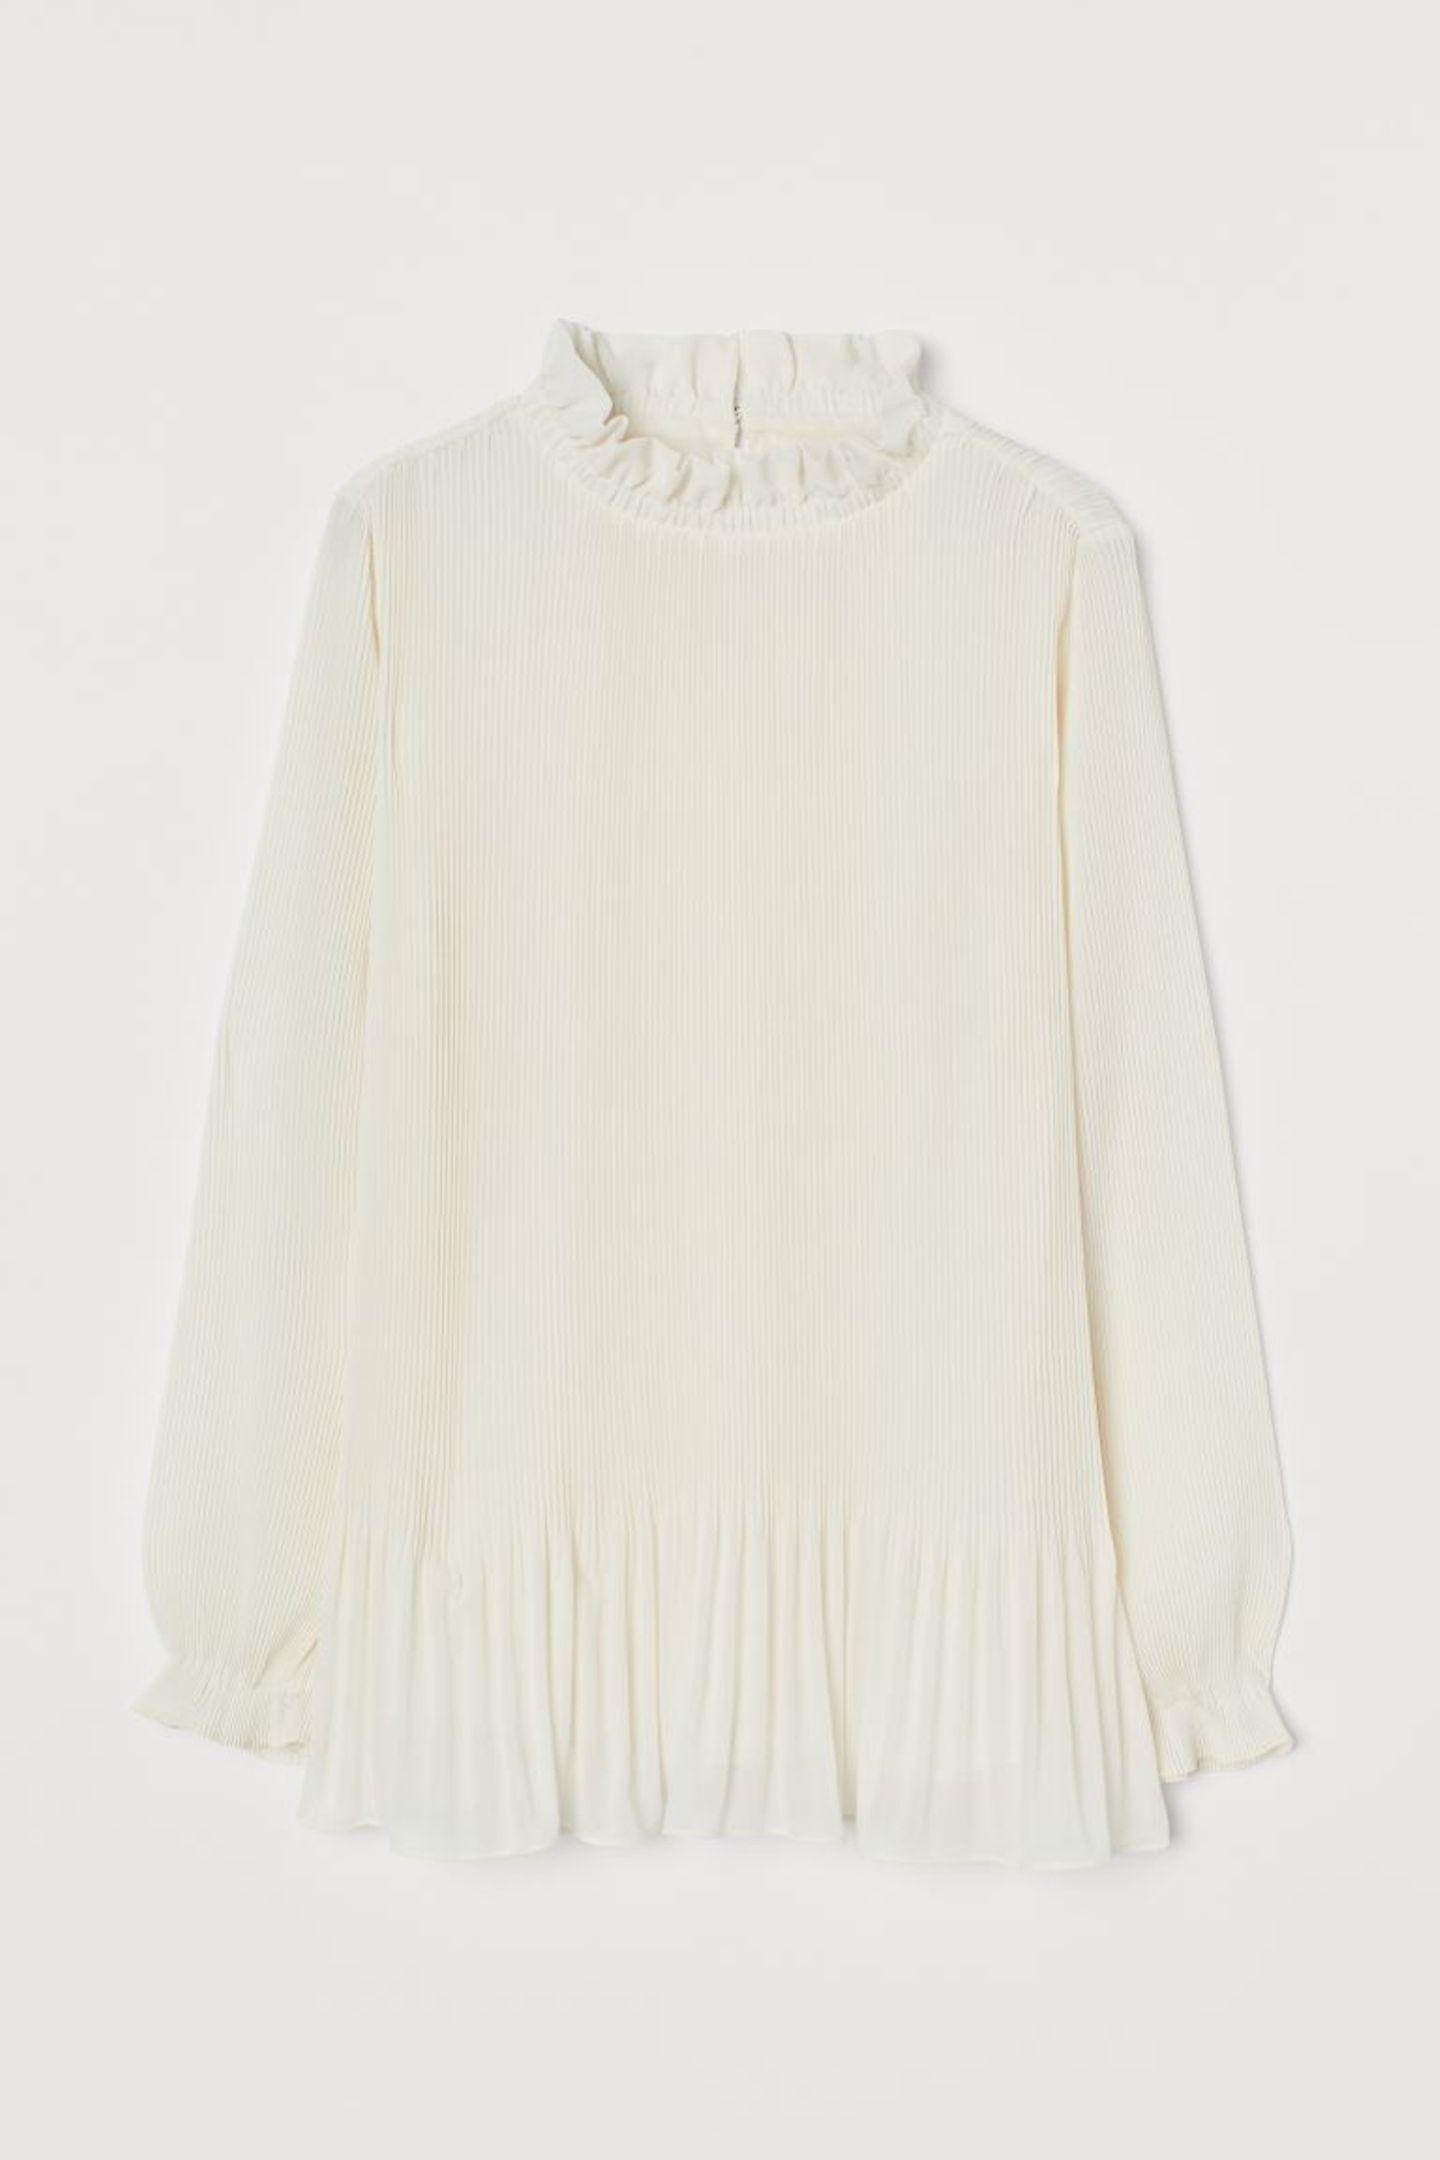 Eine leichte Bluse ist nicht nur super angenehm zu tragen, sie verleihtjedem Look auch diesen Hauch von Glamour. Die sanften Plisséefalten und süßen Rüschen an Kragen und Ärmeln machen sie zudem zum echten Hingucker-Piece. Von H&M, um 30 Euro.